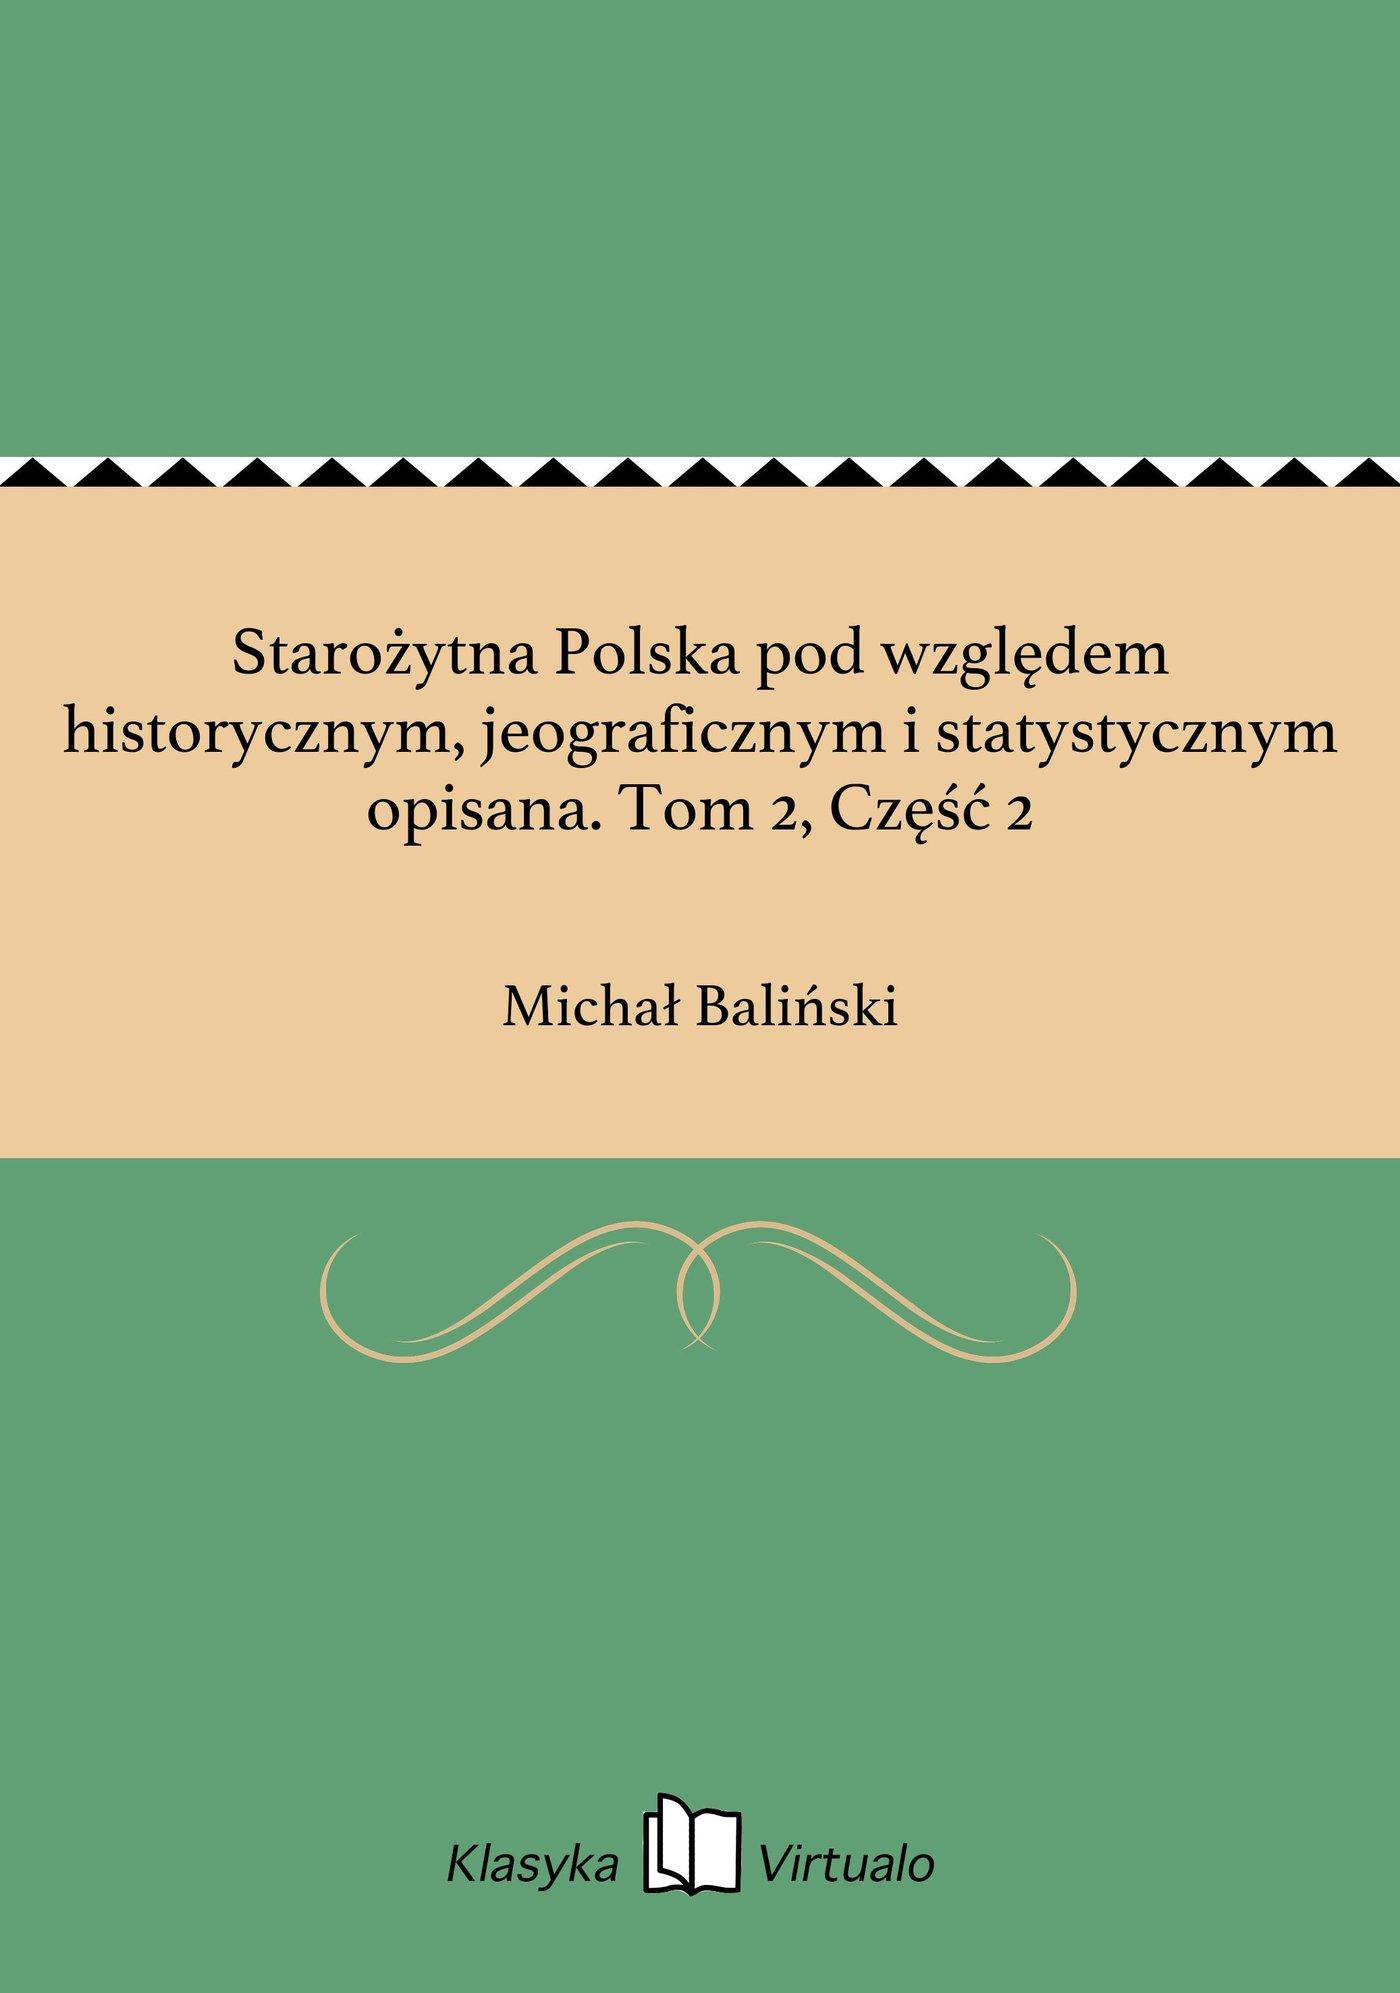 Starożytna Polska pod względem historycznym, jeograficznym i statystycznym opisana. Tom 2, Część 2 - Ebook (Książka EPUB) do pobrania w formacie EPUB